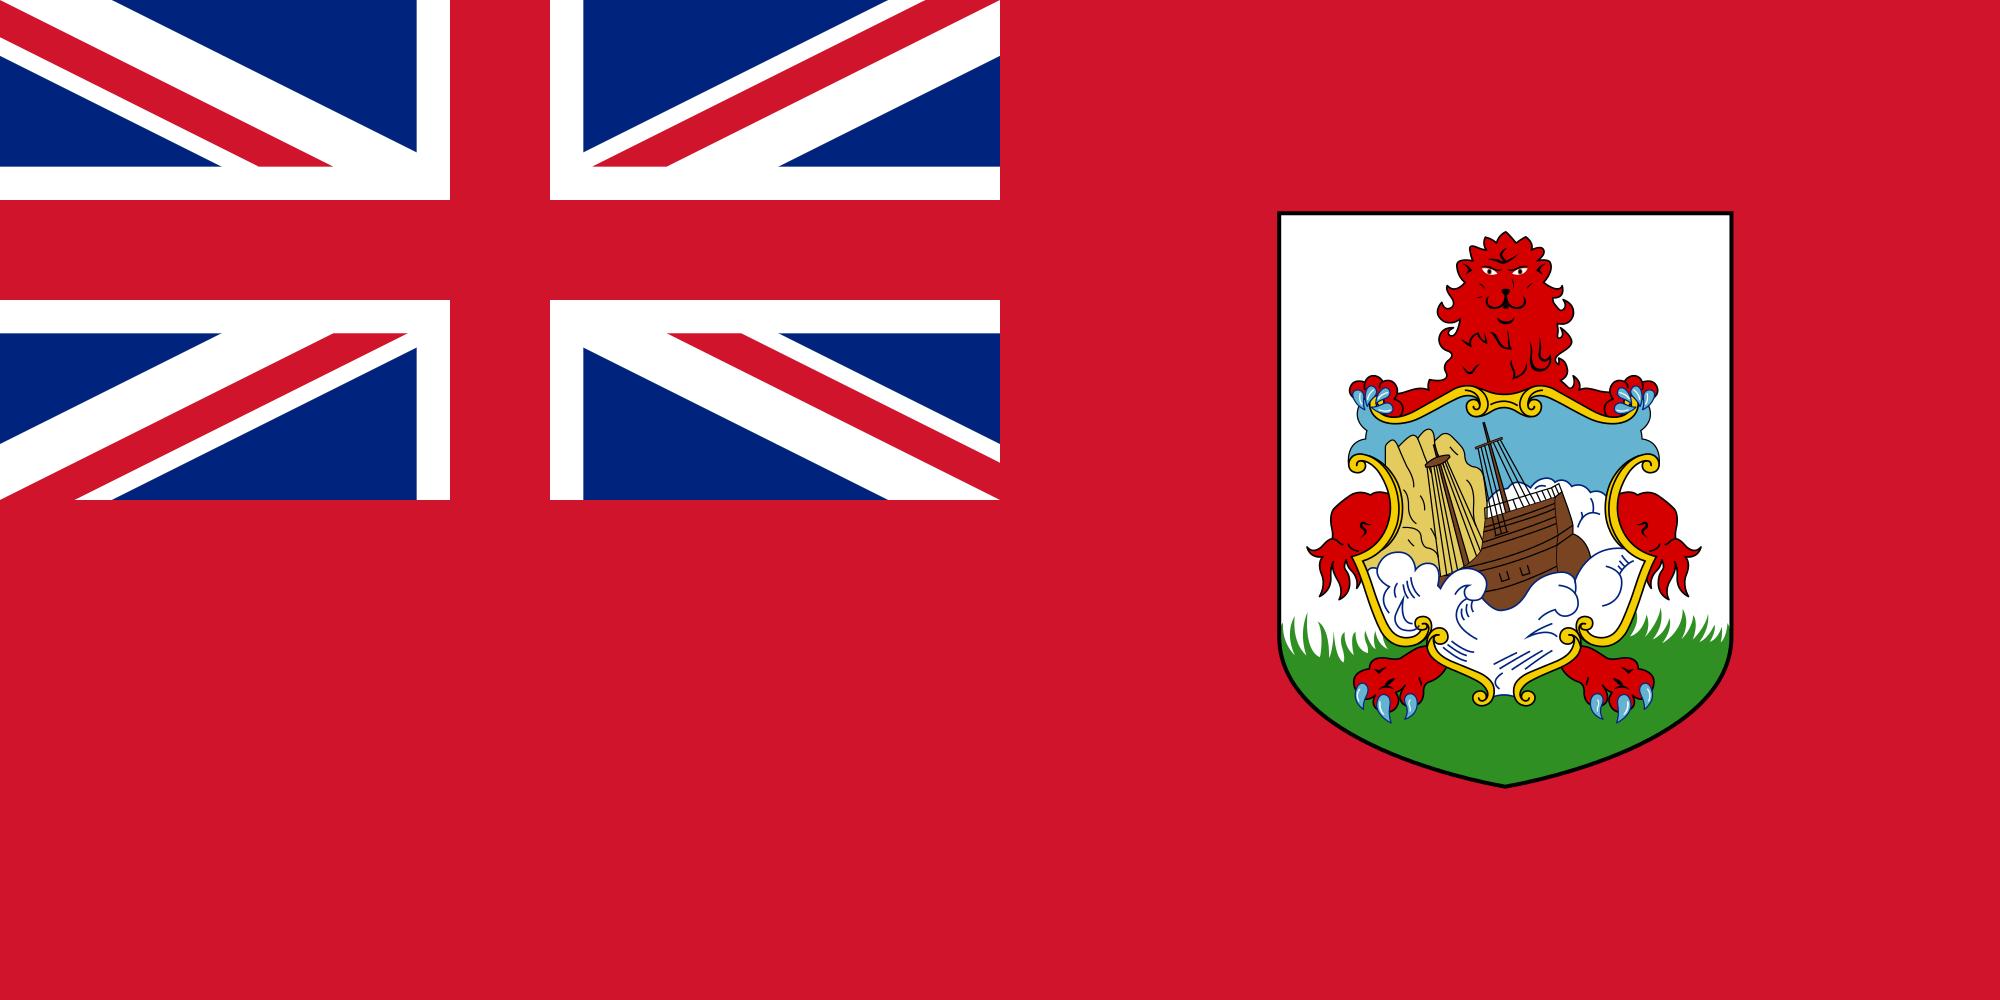 bermudas, país, emblema, insignia, シンボル - HD の壁紙 - 教授-falken.com